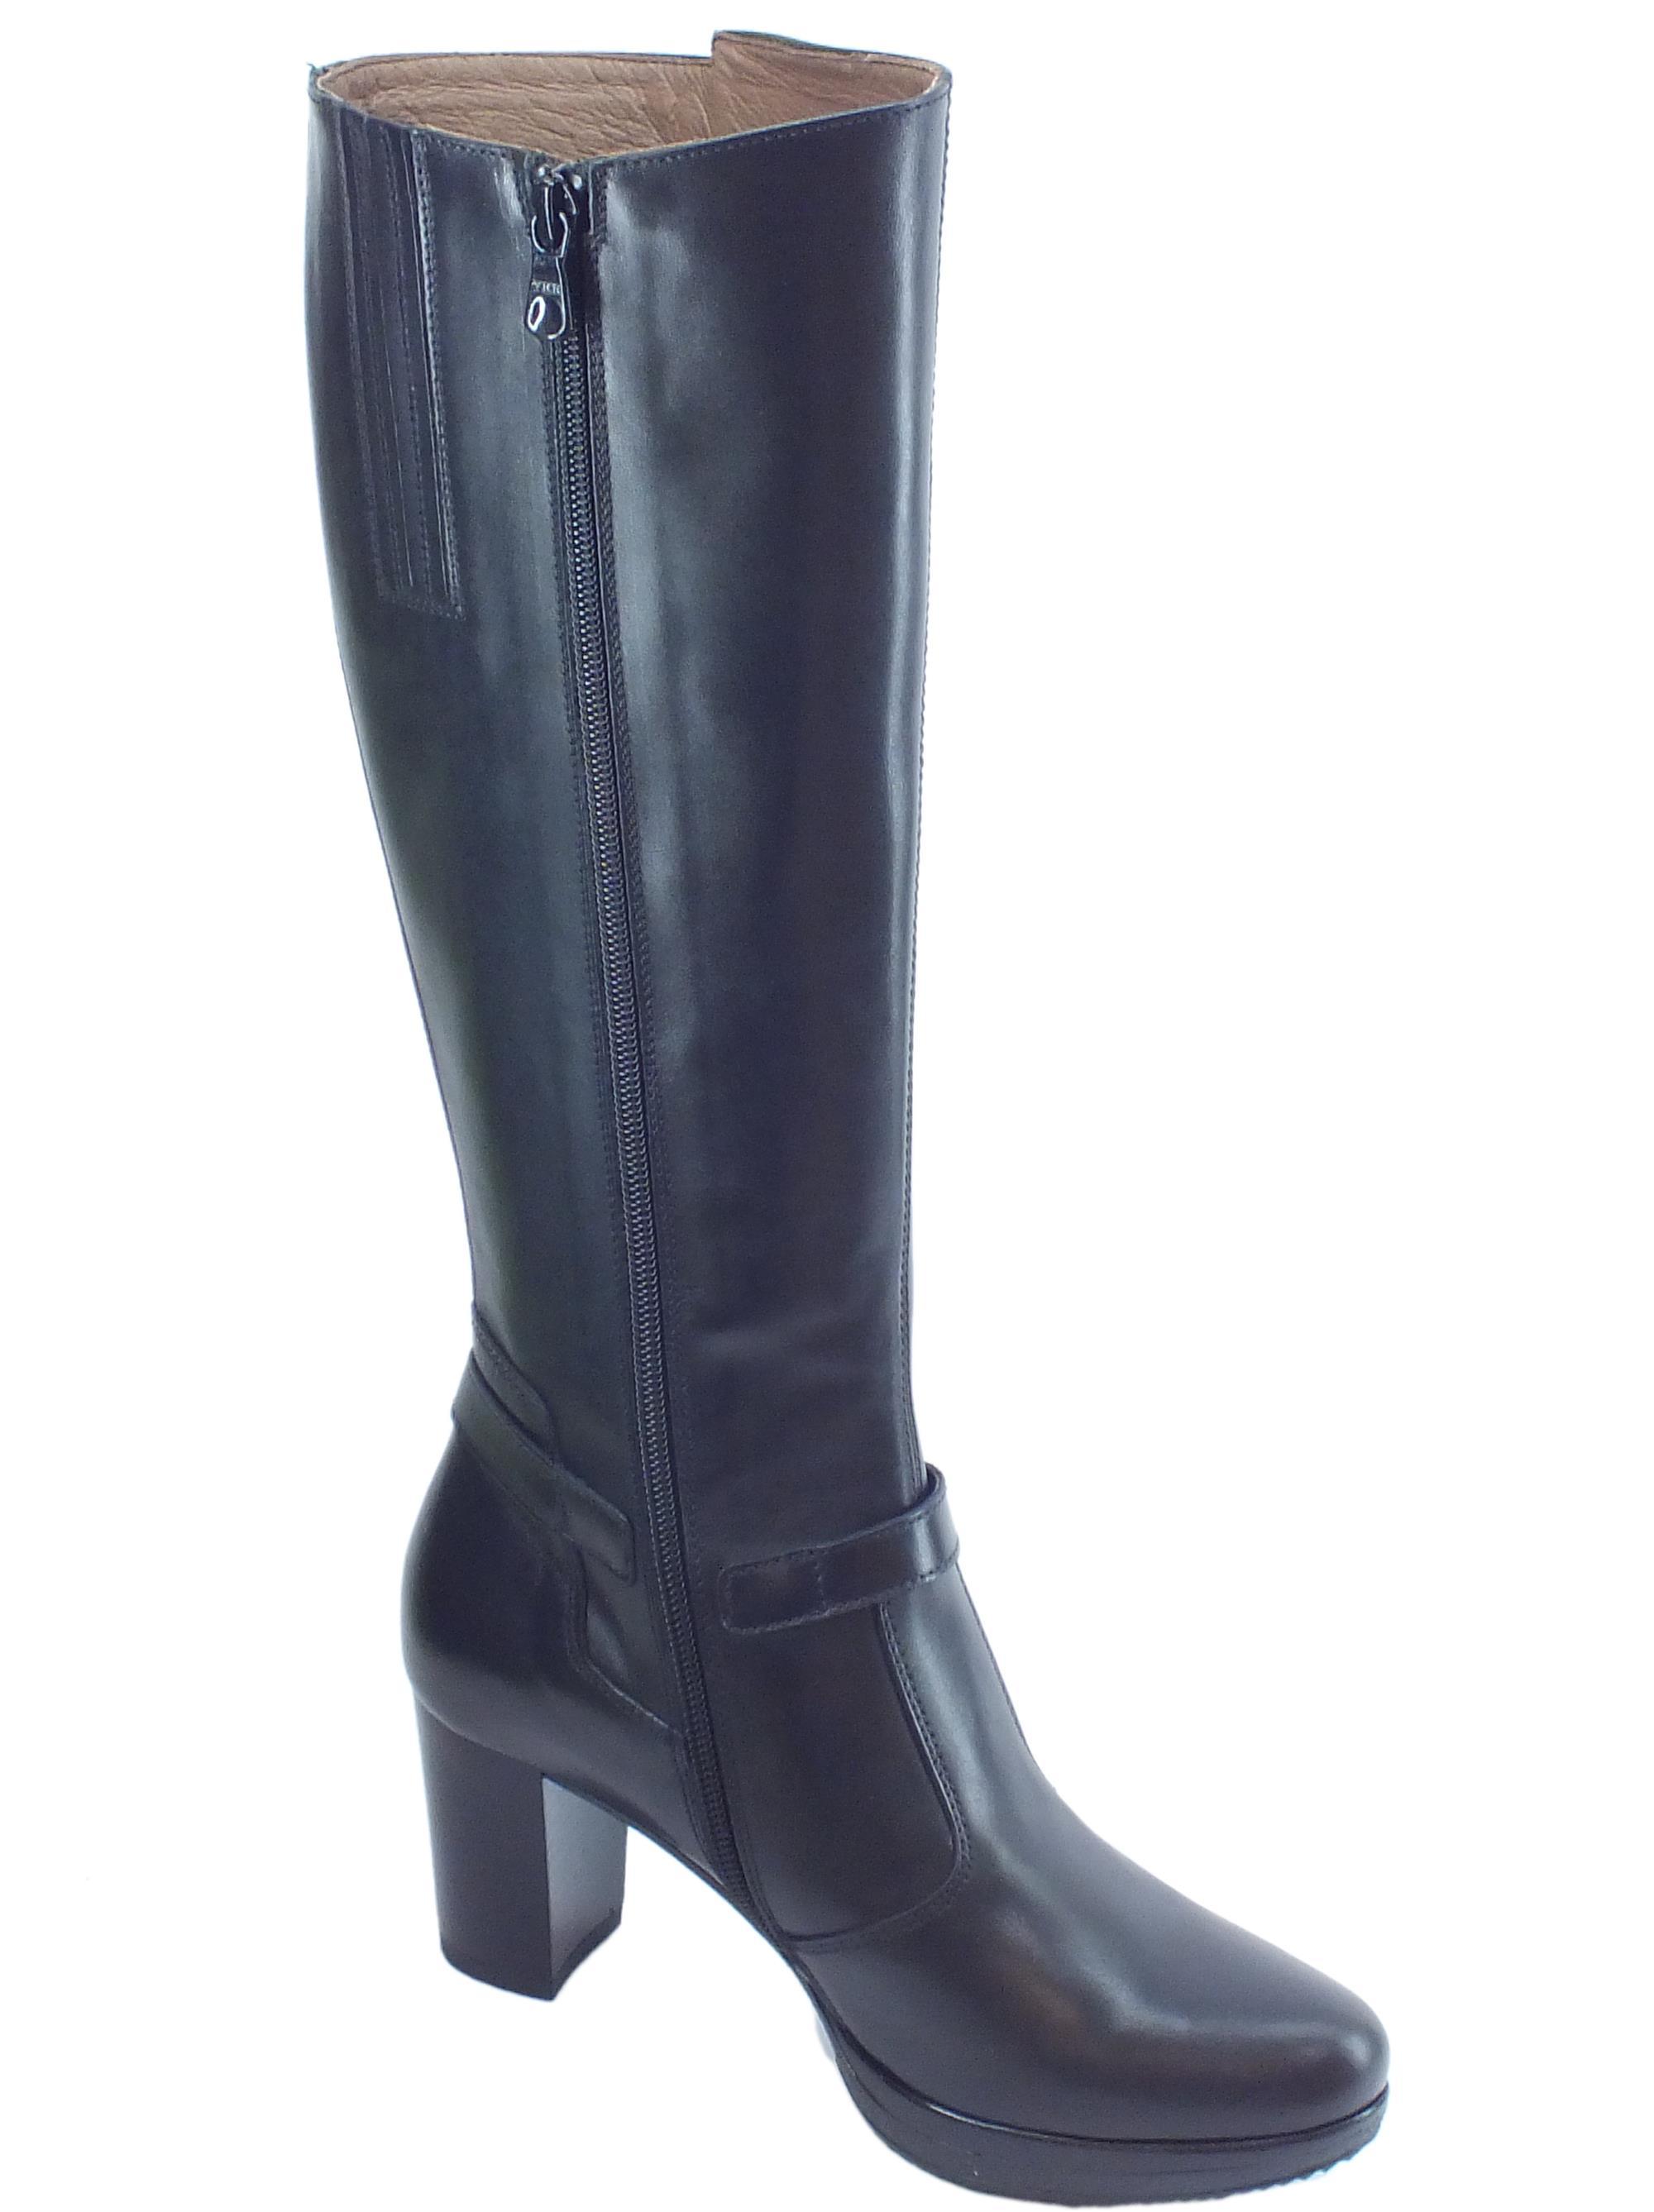 NeroGiardini A909610D Vitello BT Nero Stivali Donna con Tacco Medio in Pelle con Lampo ed Elastici